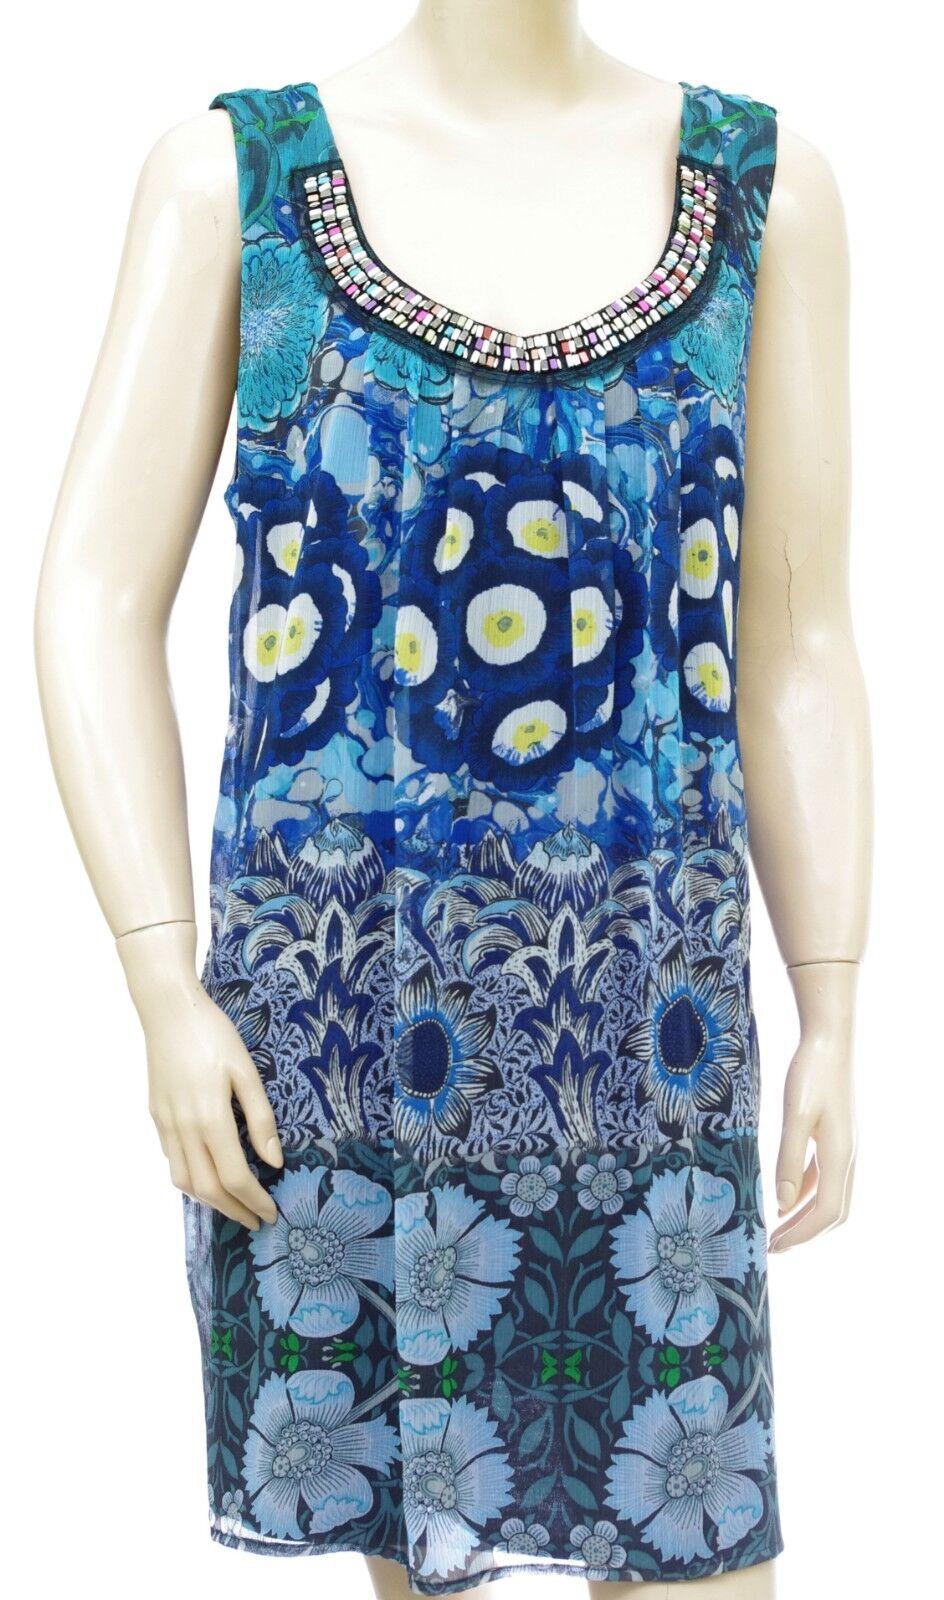 DESIGUAL robe voile collier Vest FRANCOISE blu Donna  18SWVWE5 5033